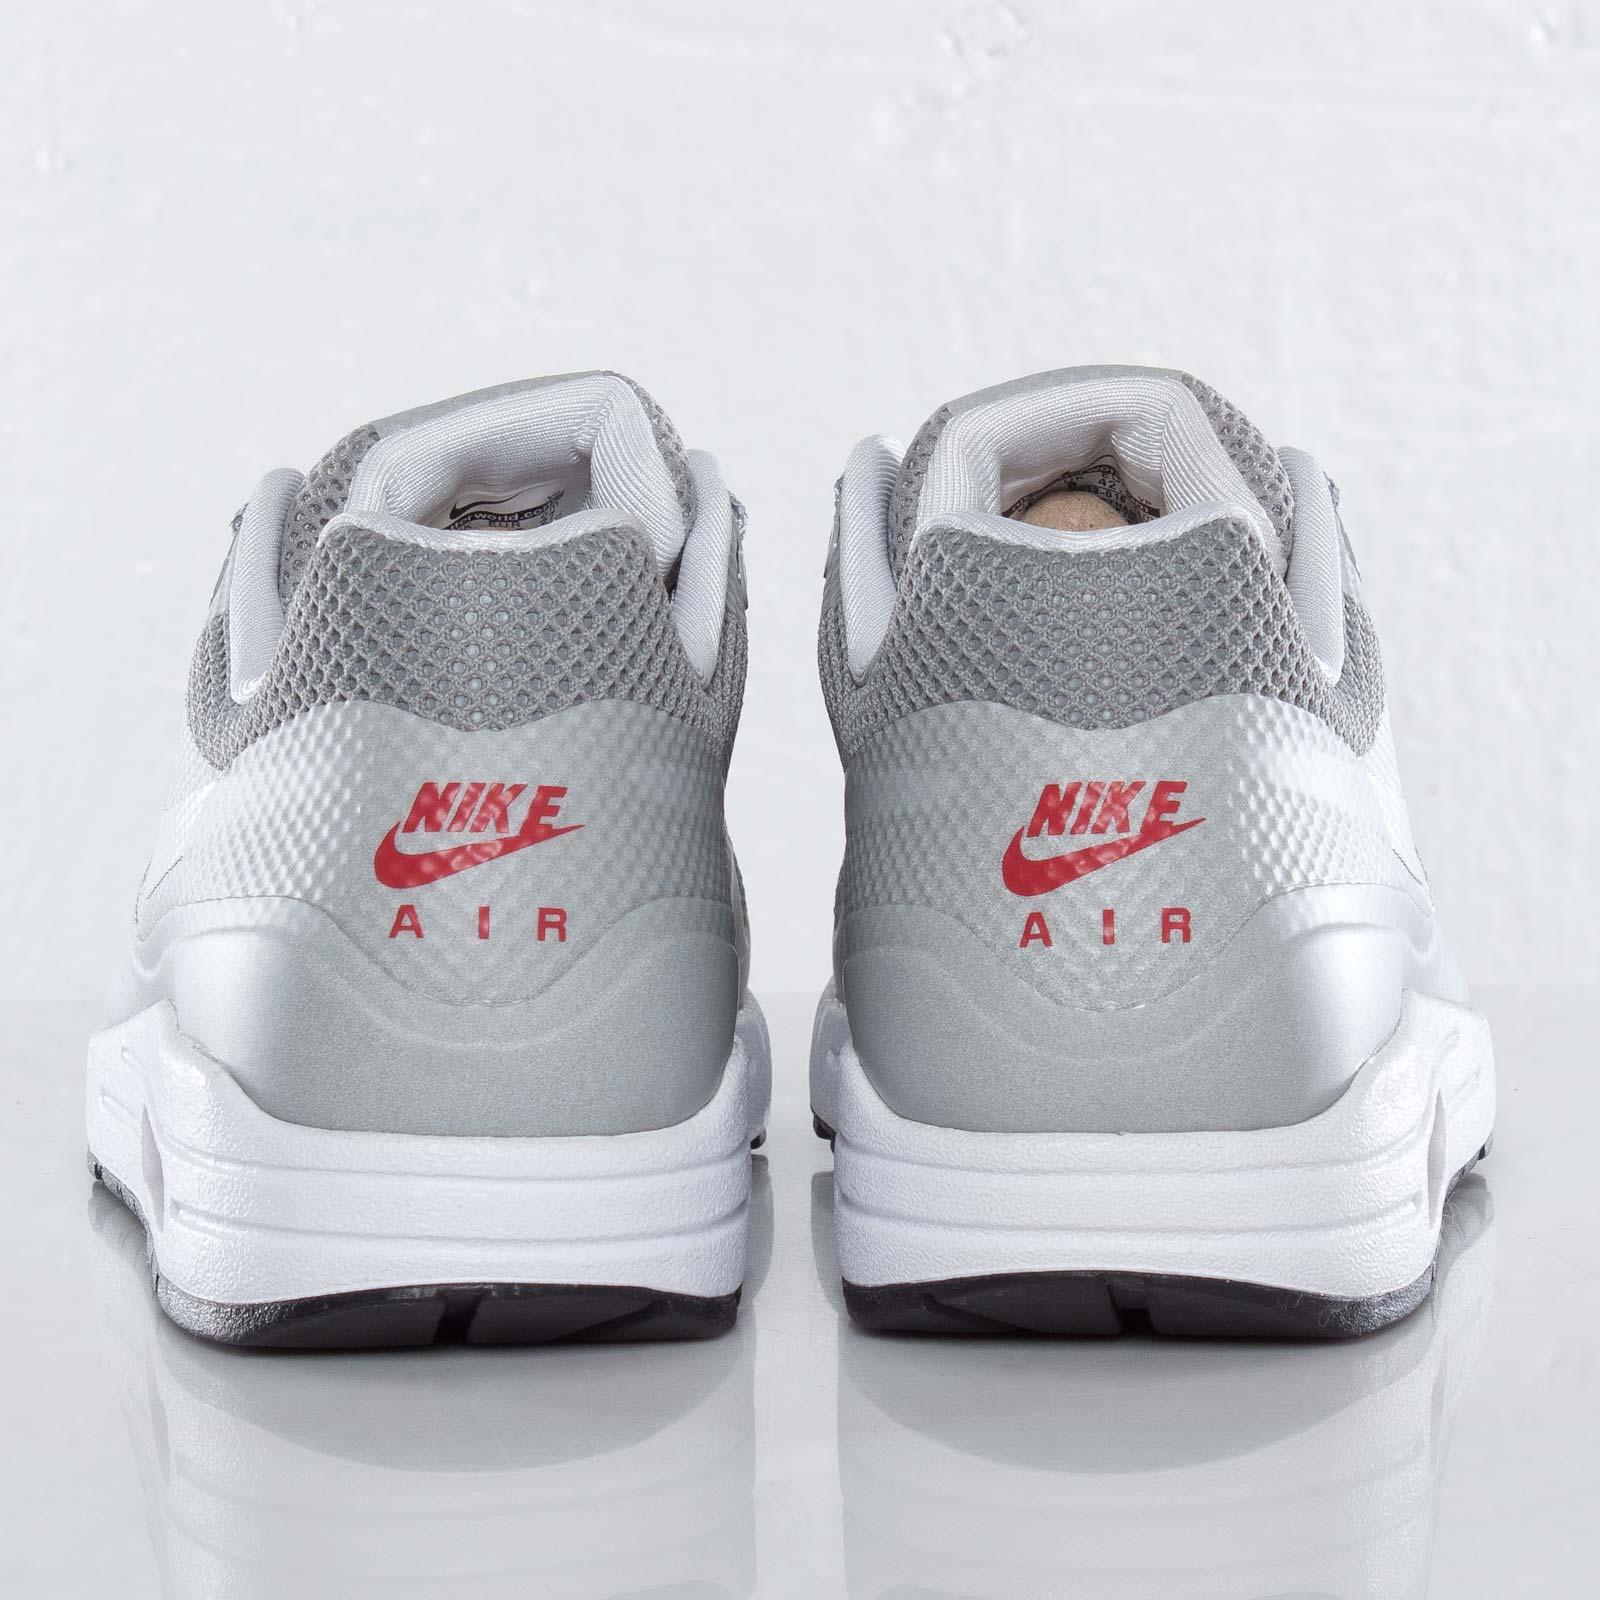 Nike Air Max 1 Fuse 543213 016 Sneakersnstuff   sneakers